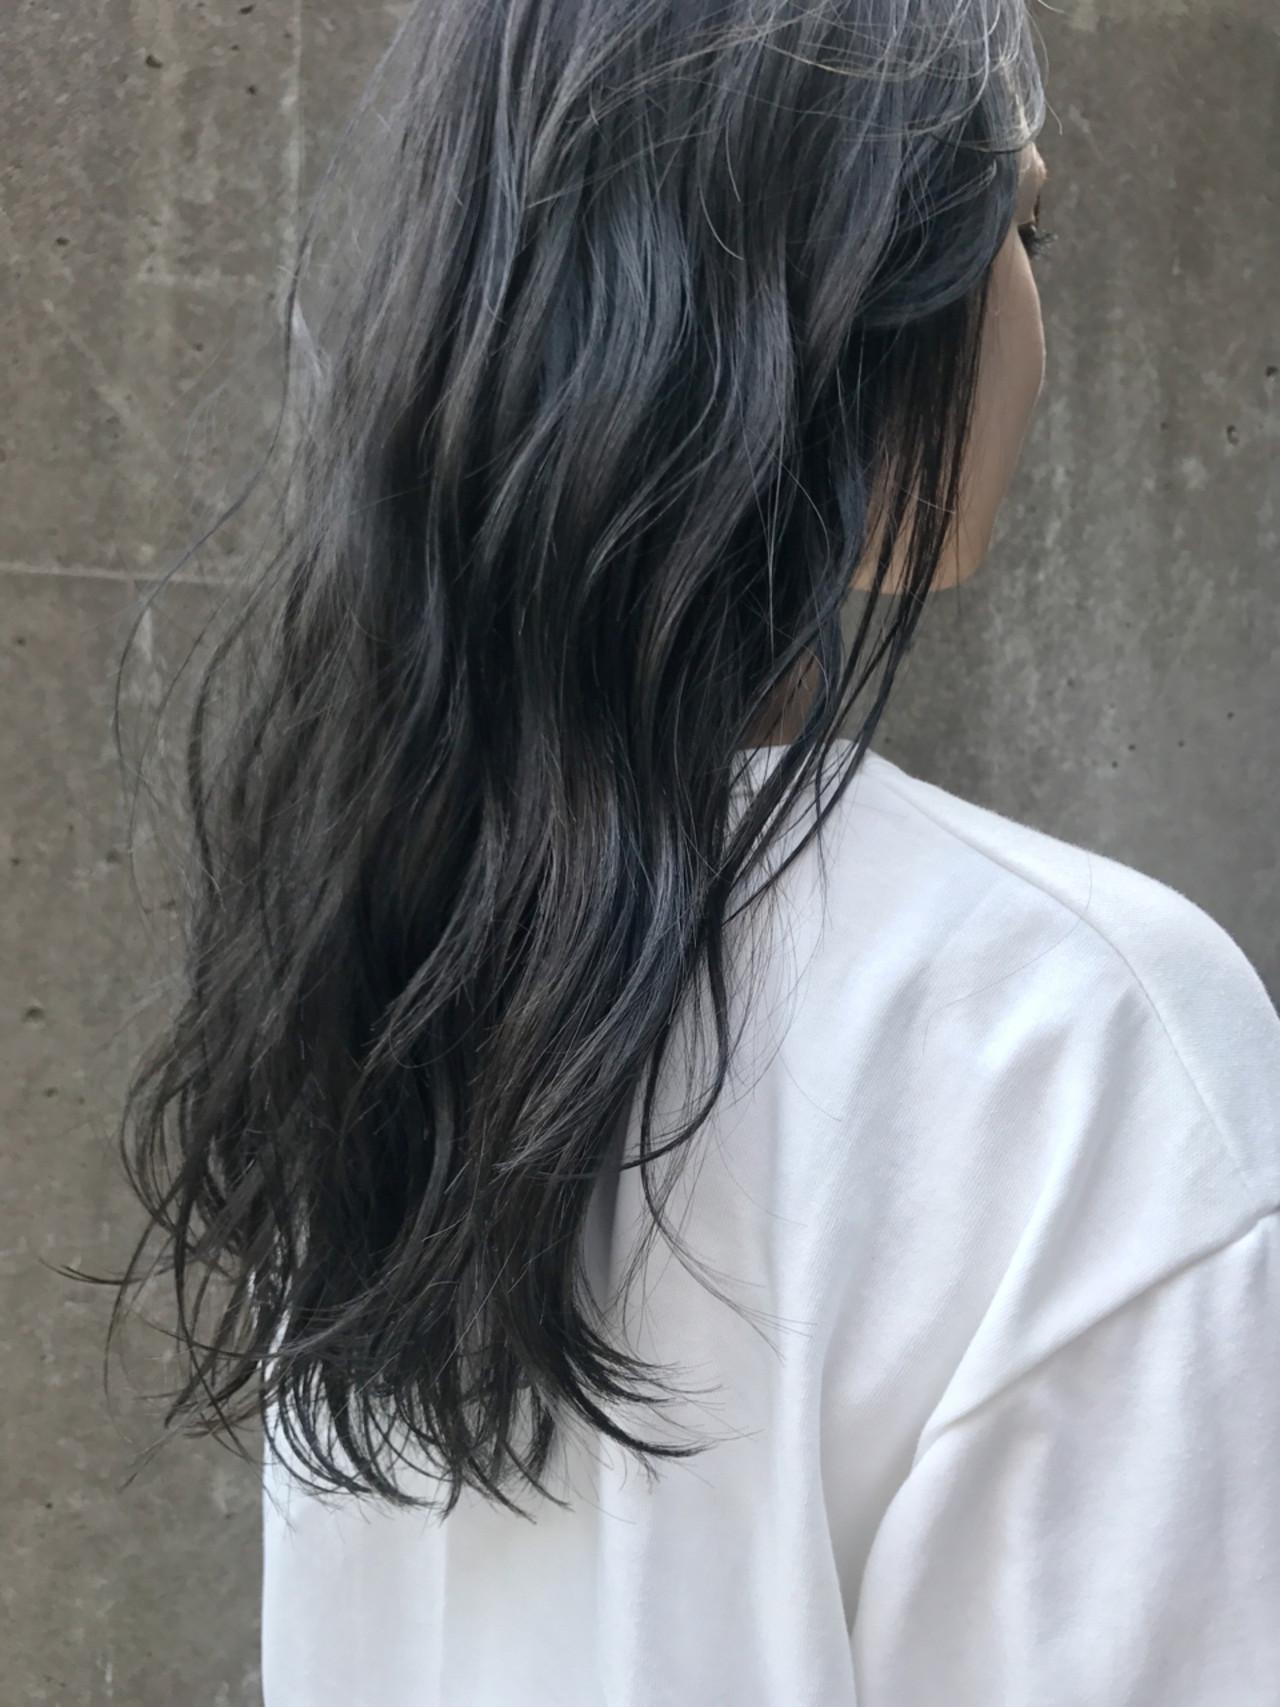 アッシュ 透明感 セミロング ストリート ヘアスタイルや髪型の写真・画像